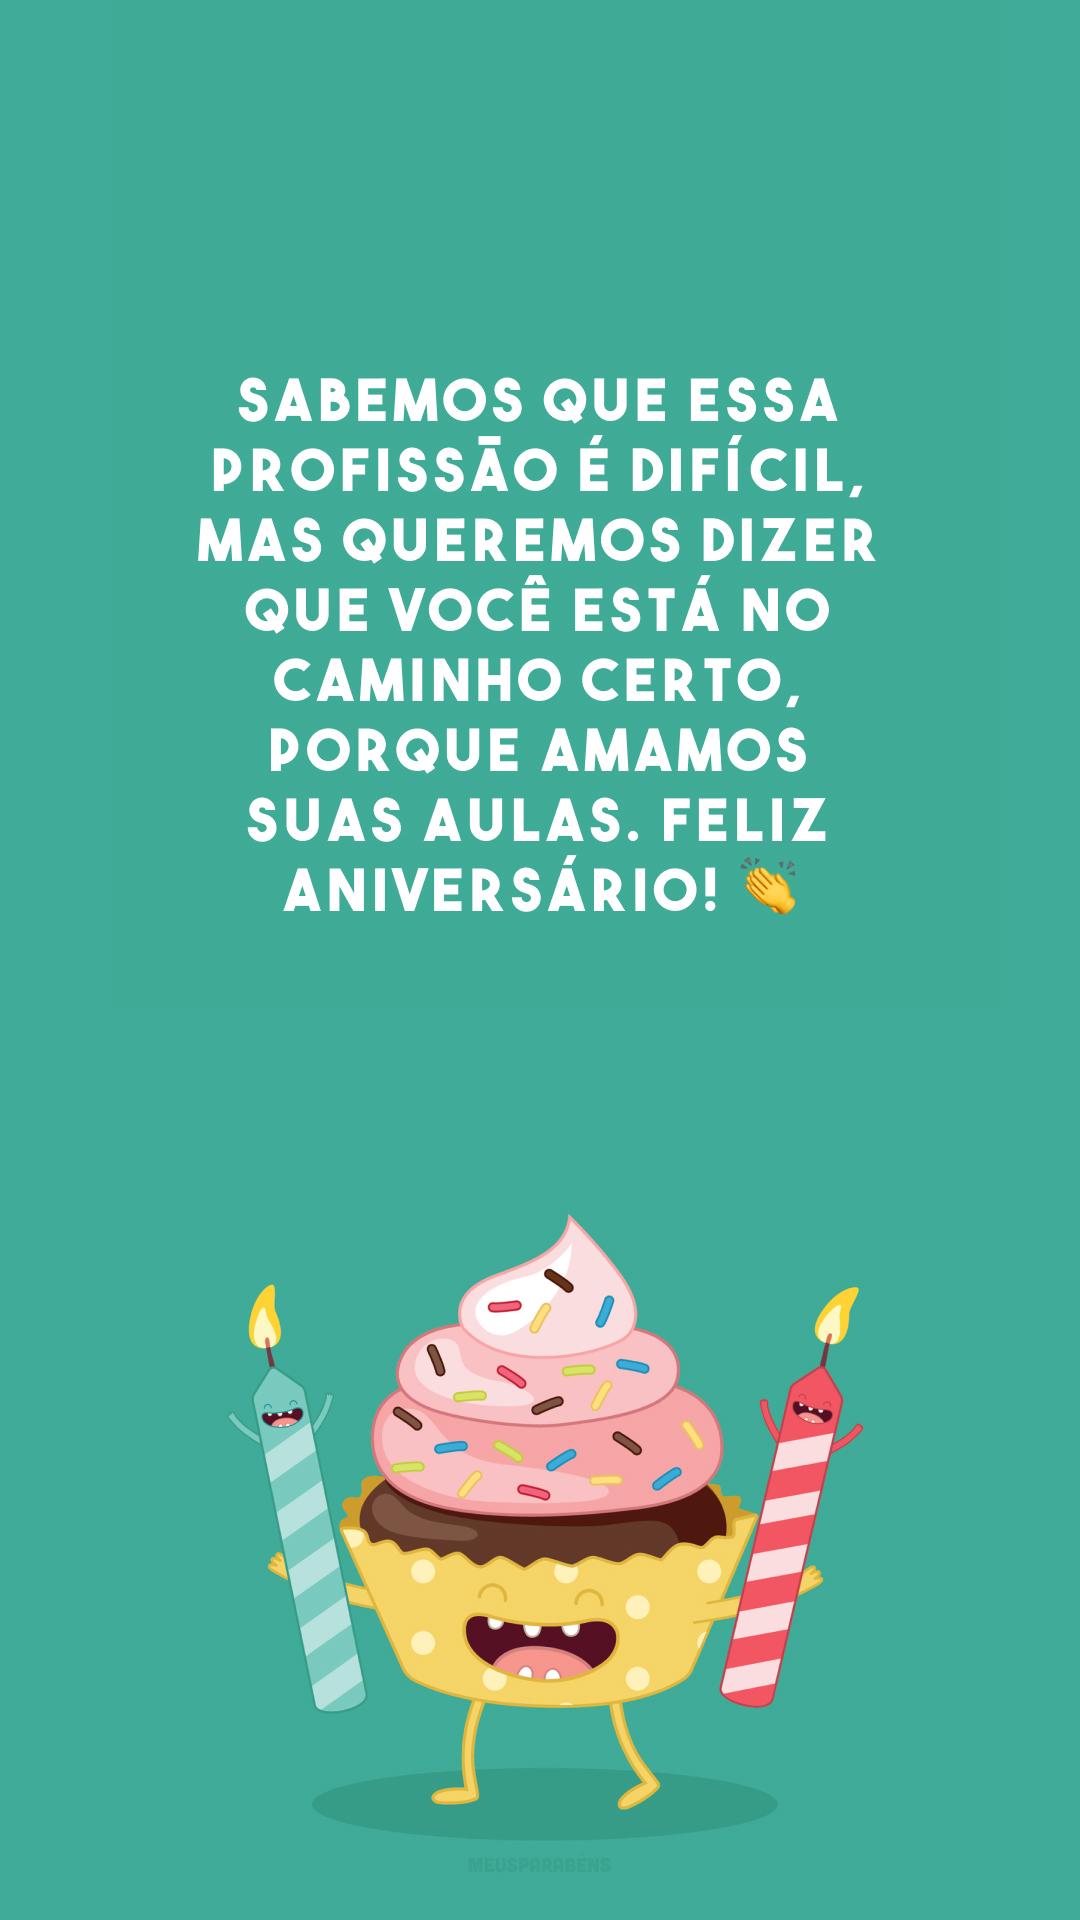 Sabemos que essa profissão é difícil, mas queremos dizer que você está no caminho certo, porque amamos suas aulas. Feliz aniversário! 👏